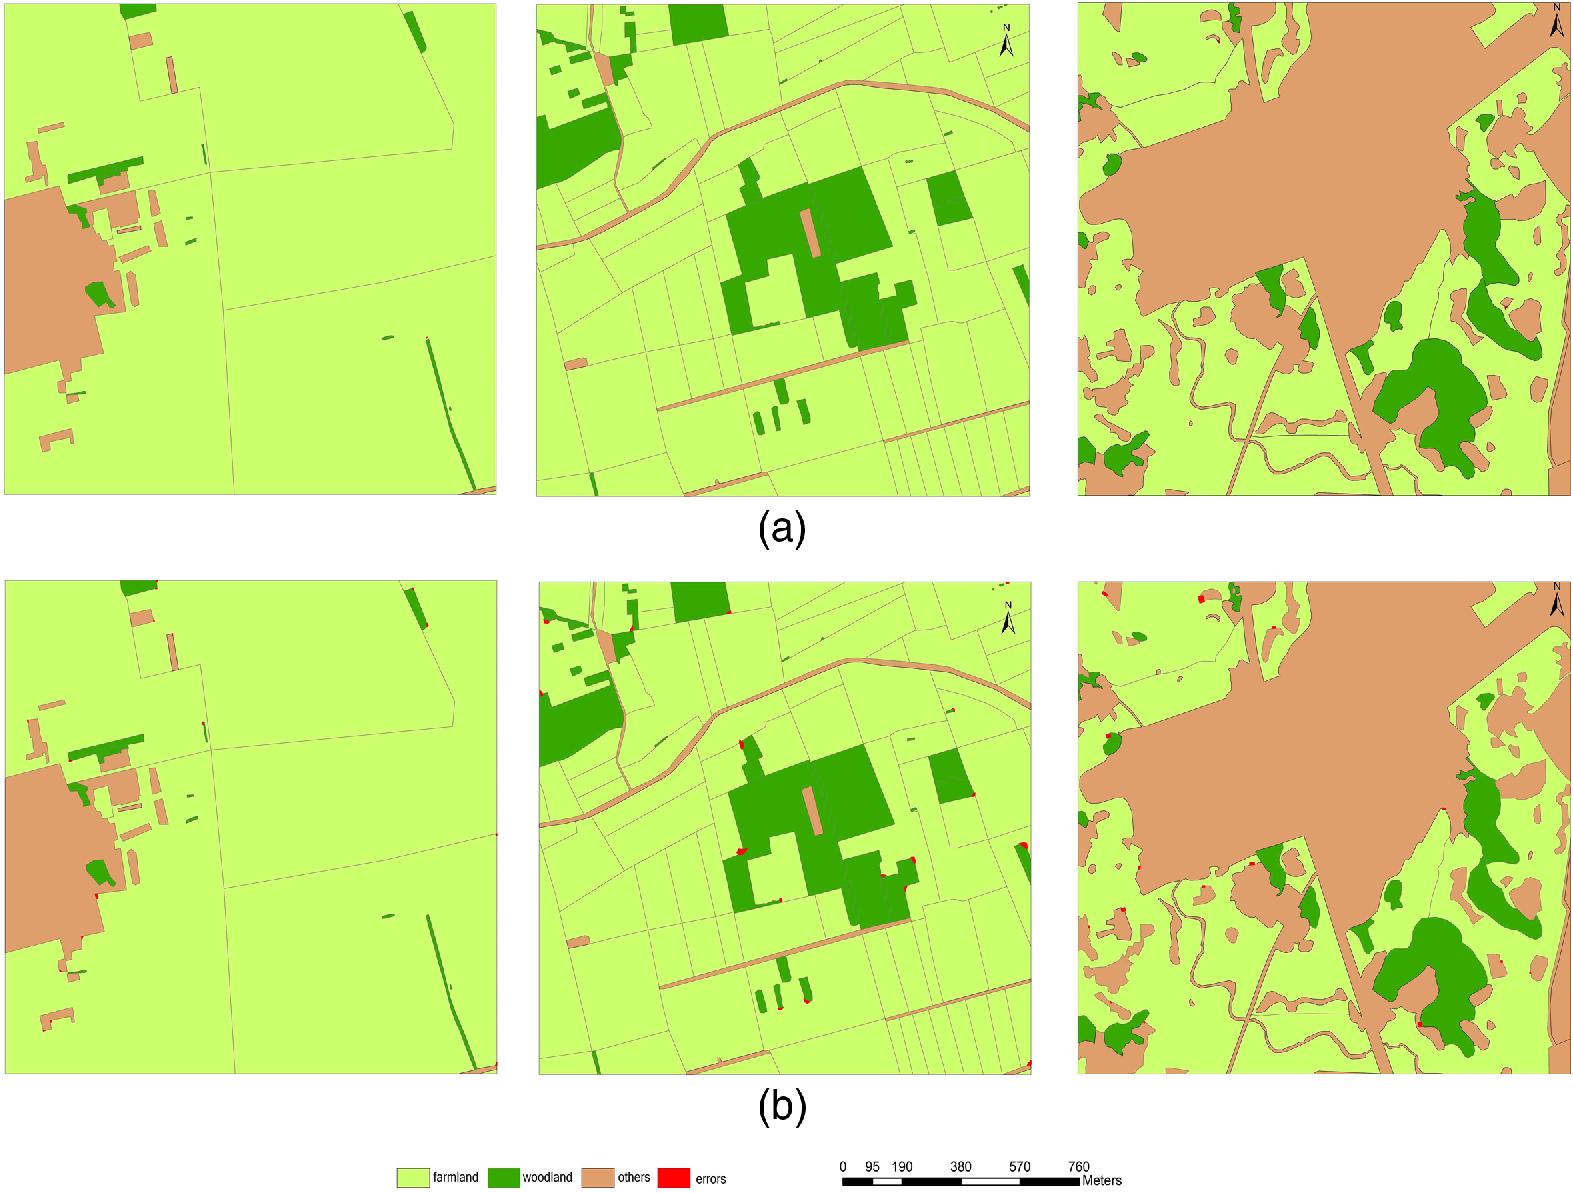 Segmentation model based on convolutional neural networks